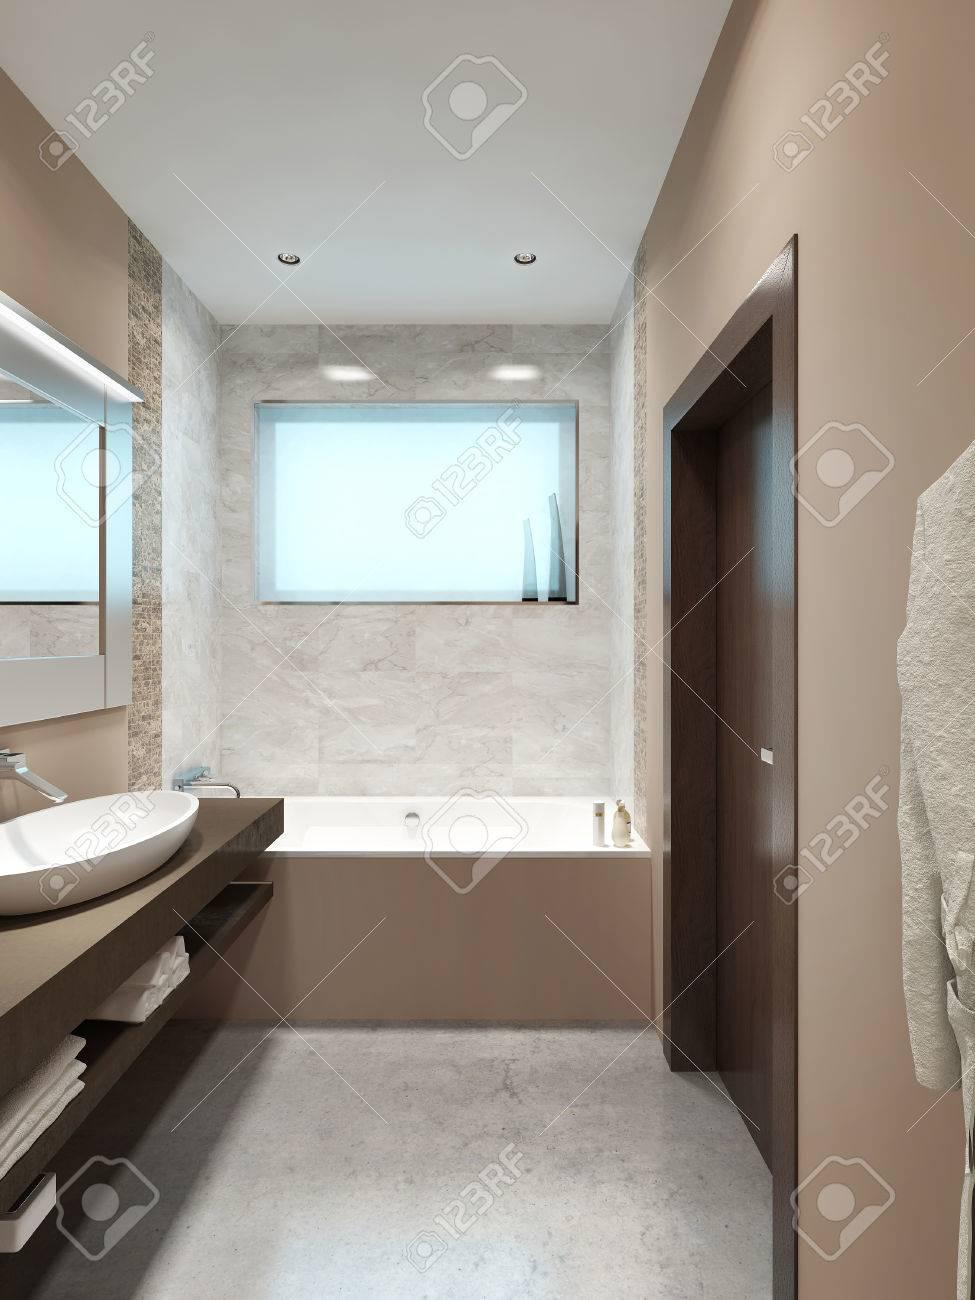 Salle de bains design moderne avec une petite fenêtre aux couleurs orange,  jaune et marron. Rendu 3D.